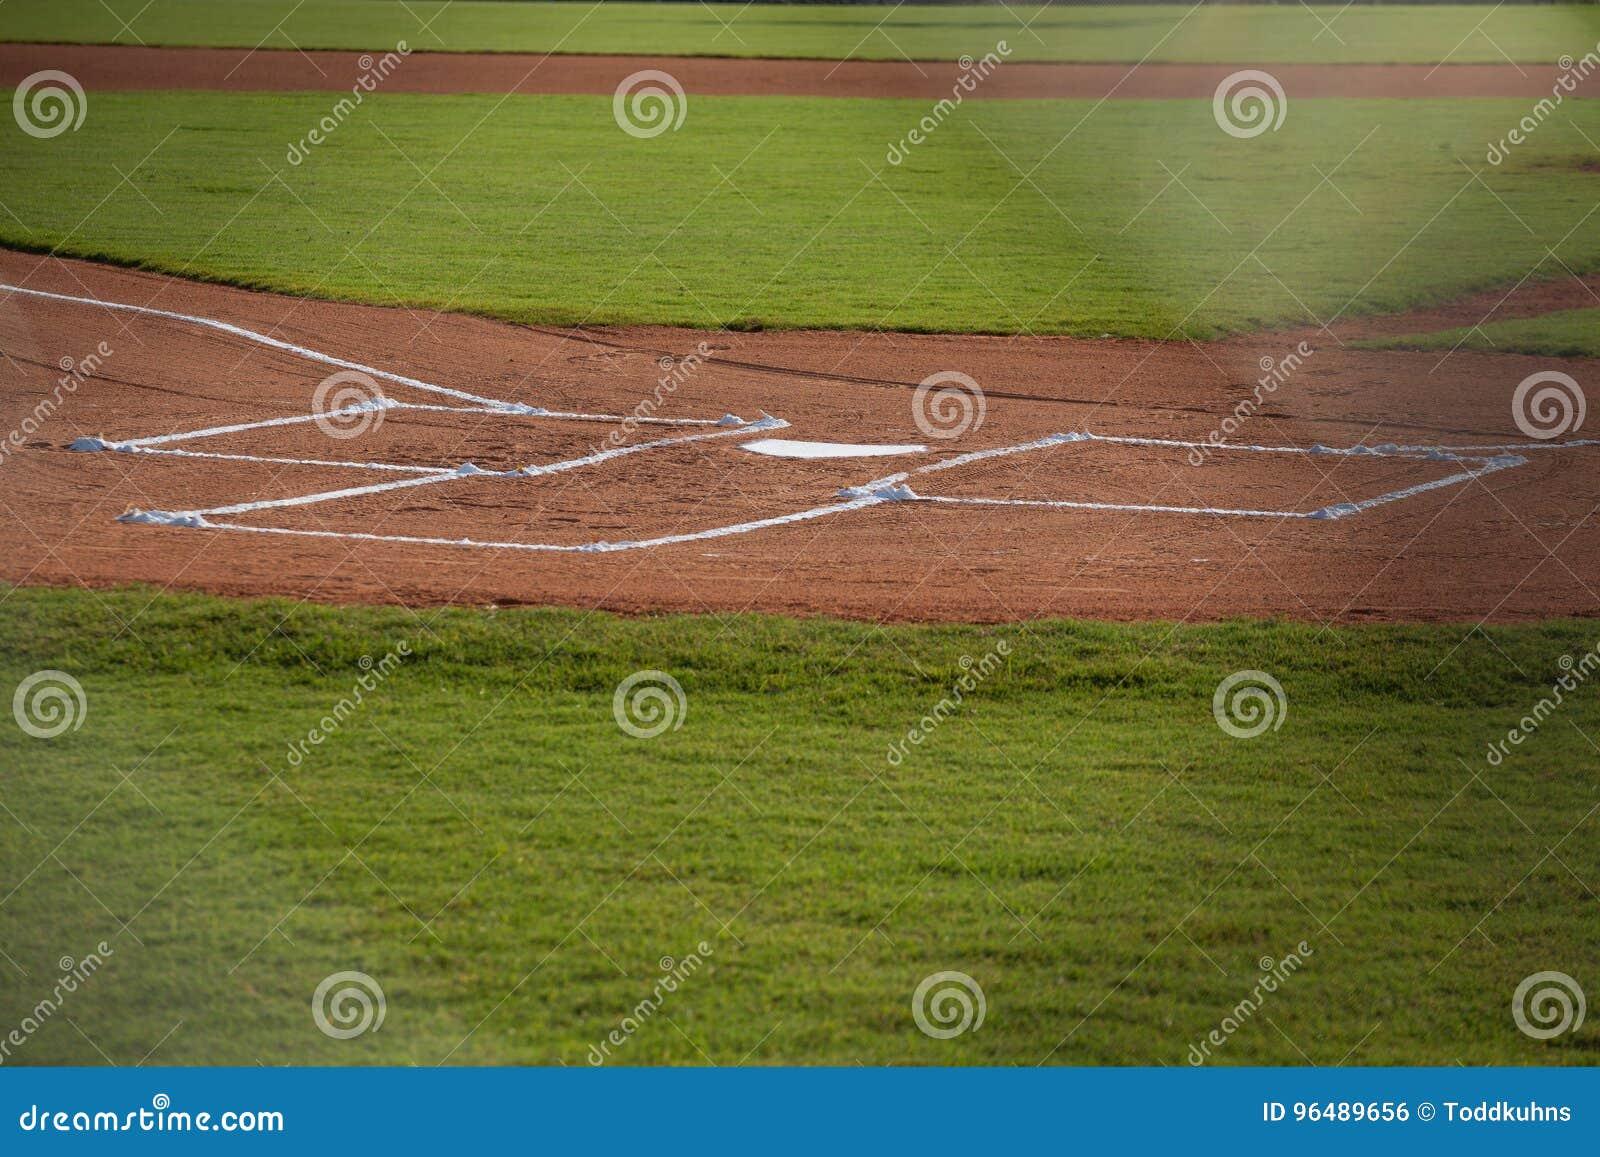 Baza Domowa na baseballa polu